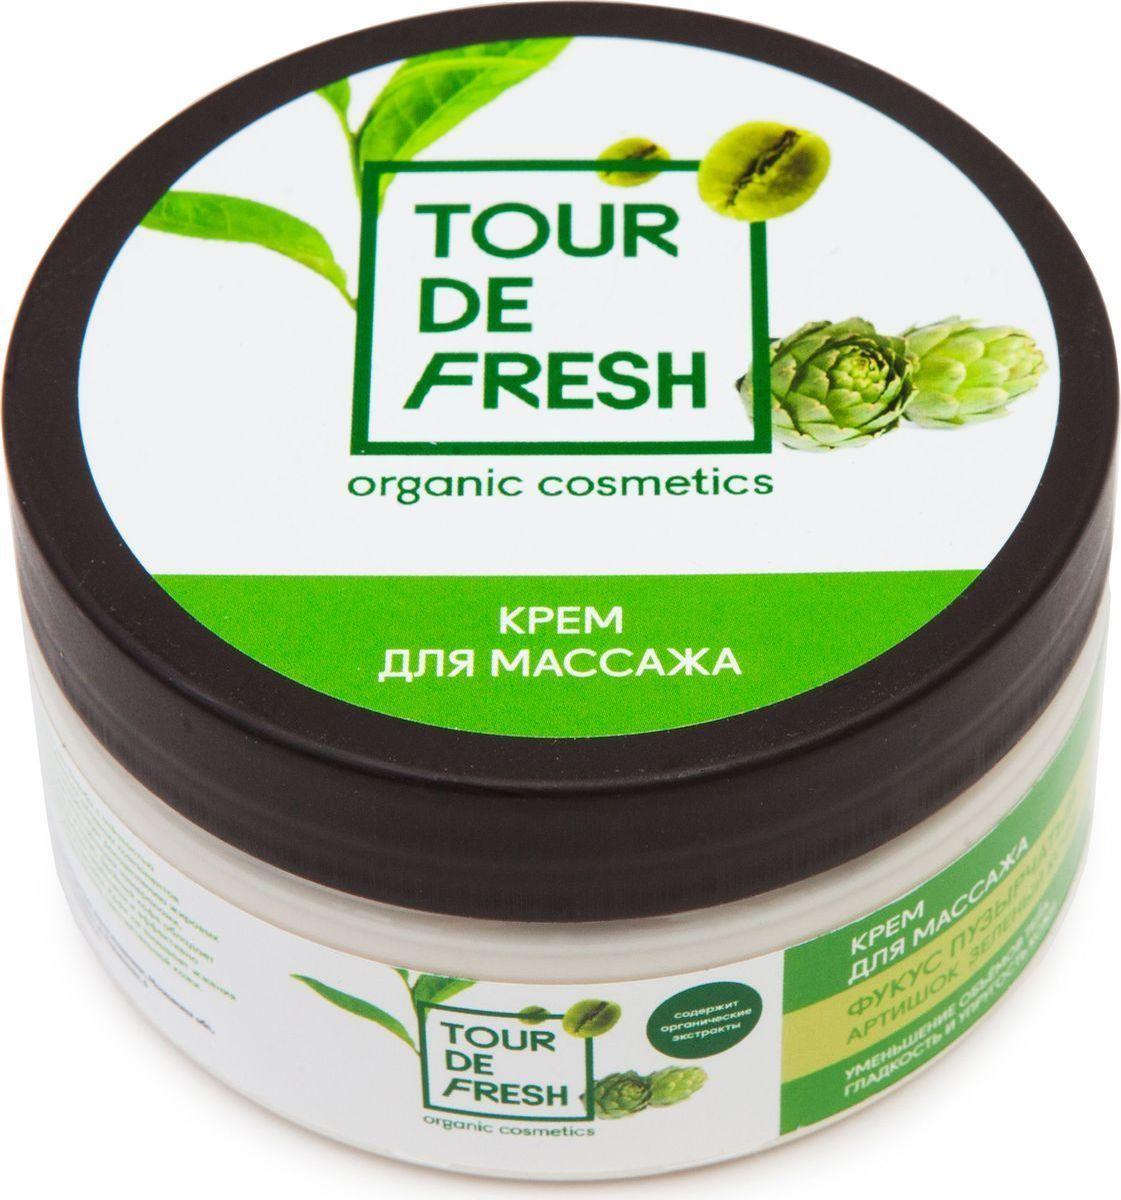 Tour De Fresh Крем для массажа Водоросли для детокса Фукус пузырчатый - Артишок - Зеленый кофе, 200 млУФ000000482Органический массажный крем для теласпособствует выведению токсинов и борется с отёчностьюрекомендован в антицеллюлитных и детокс-программахмягкая формула подходит для чувствительной кожи.Массажный крем водоросли для детокса - отличное решение для борьбы с отёчностью и целлюлитом. Если вы хотите улучшить микроциркуляцию, разогнать обмен веществ, вывести излишек жидкости из тканей - присмотритесь к этому средству повнимательнее. Его натуральные компоненты действуют мягко и бережно, но при этом весьма эффективно.Комбинация активных веществ фукуса и артишока способствуют расщеплению жировых отложений, насыщают кожу ценными минералами, повышают её упругость и сокращая проявления апельсиновой корки. Зелёный кофе способствует выводу токсинов, уменьшает застойные явления и обладает лимфодренажным свойством. Крем не раздражает кожу, не вызывает жжения и не имеет разогревающего действия.